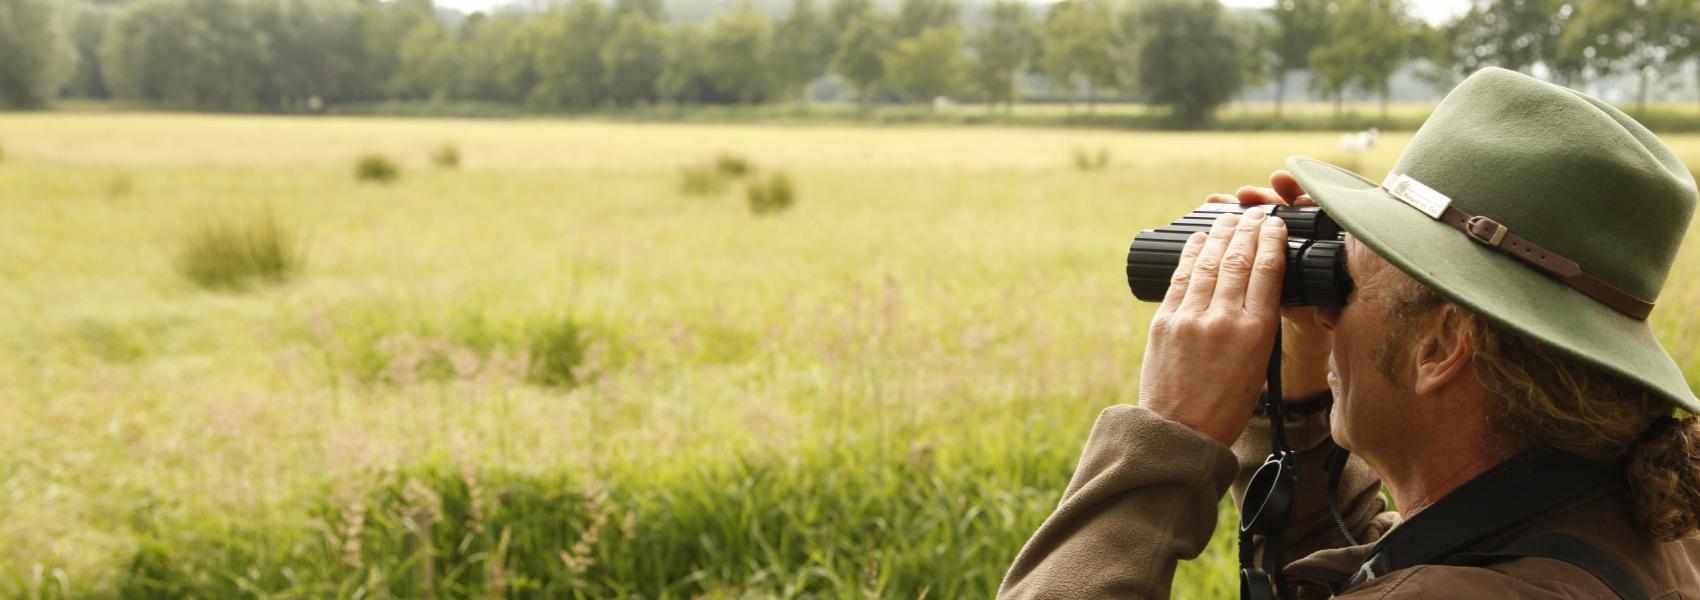 de boswachter bekijkt het landschap met zijn verrekijker